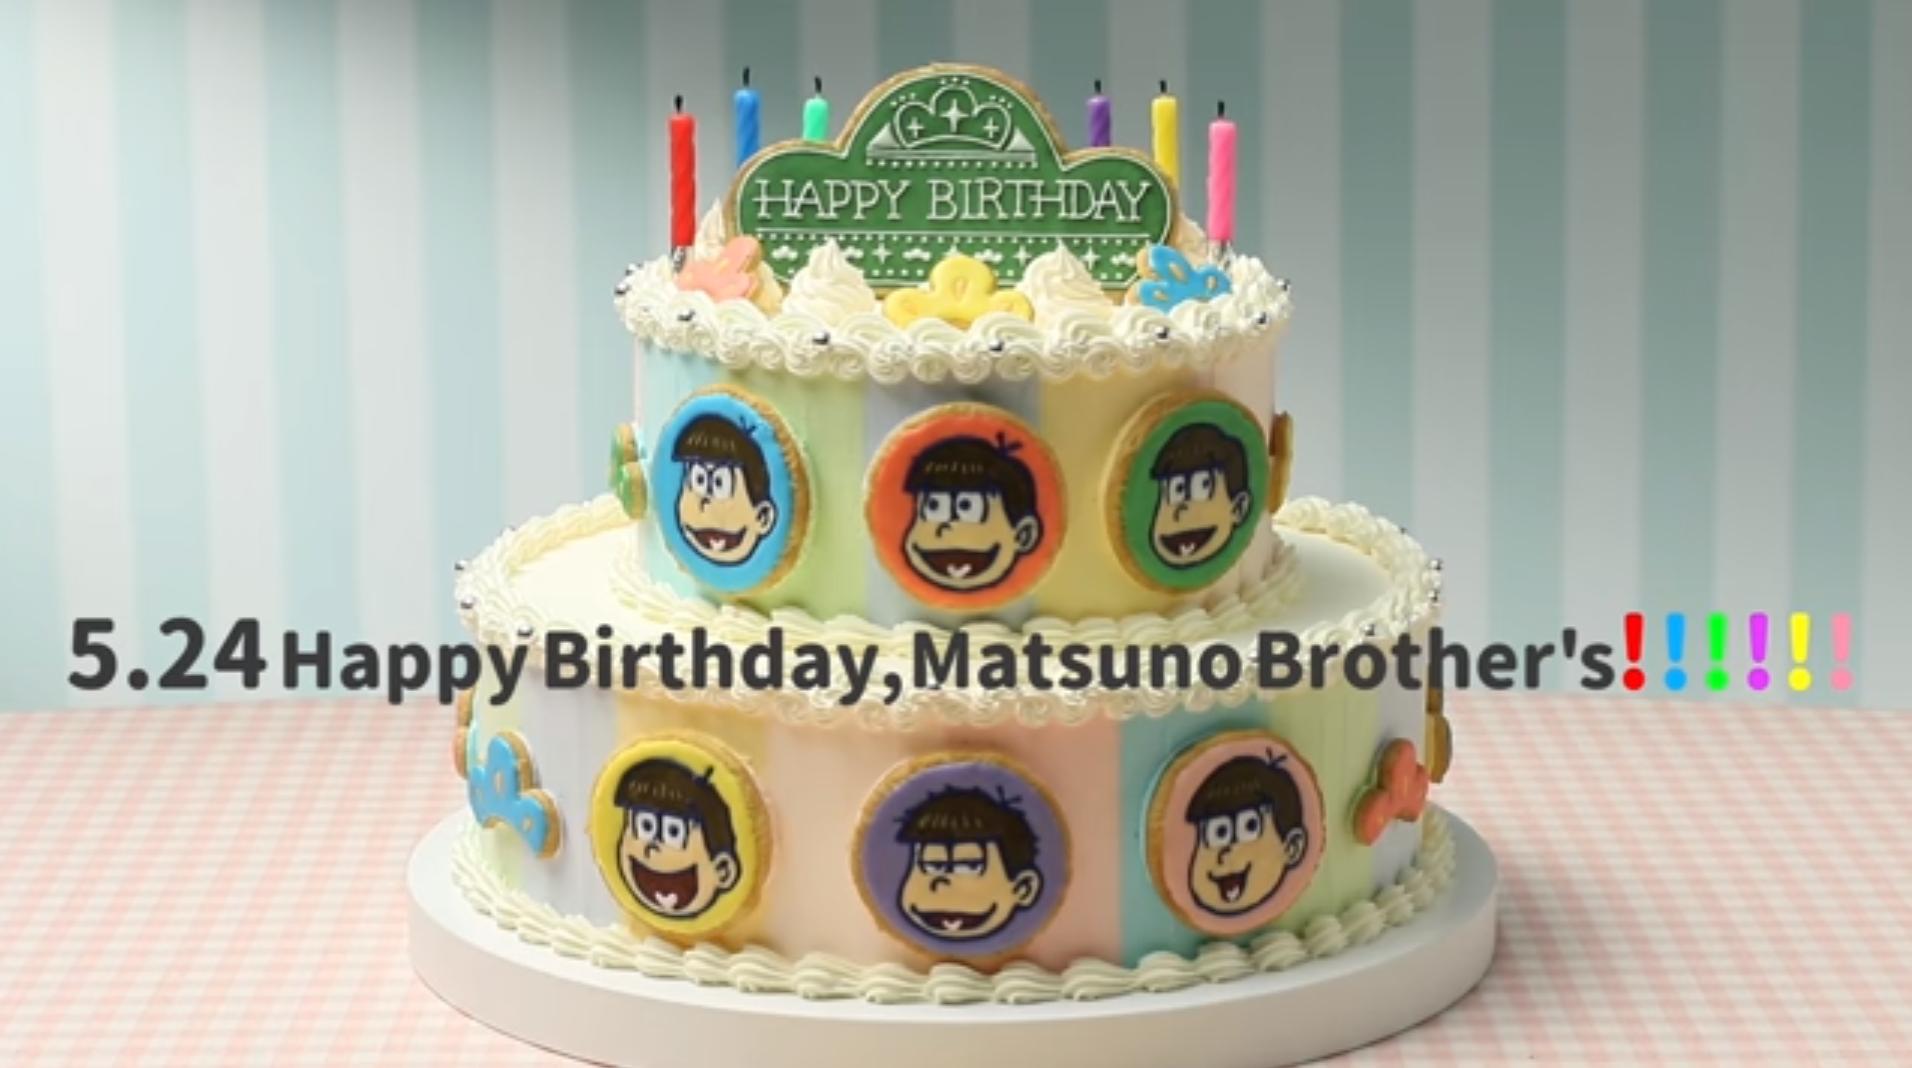 5月24日《阿松》六胞胎生日快樂!生日特別影片公開!